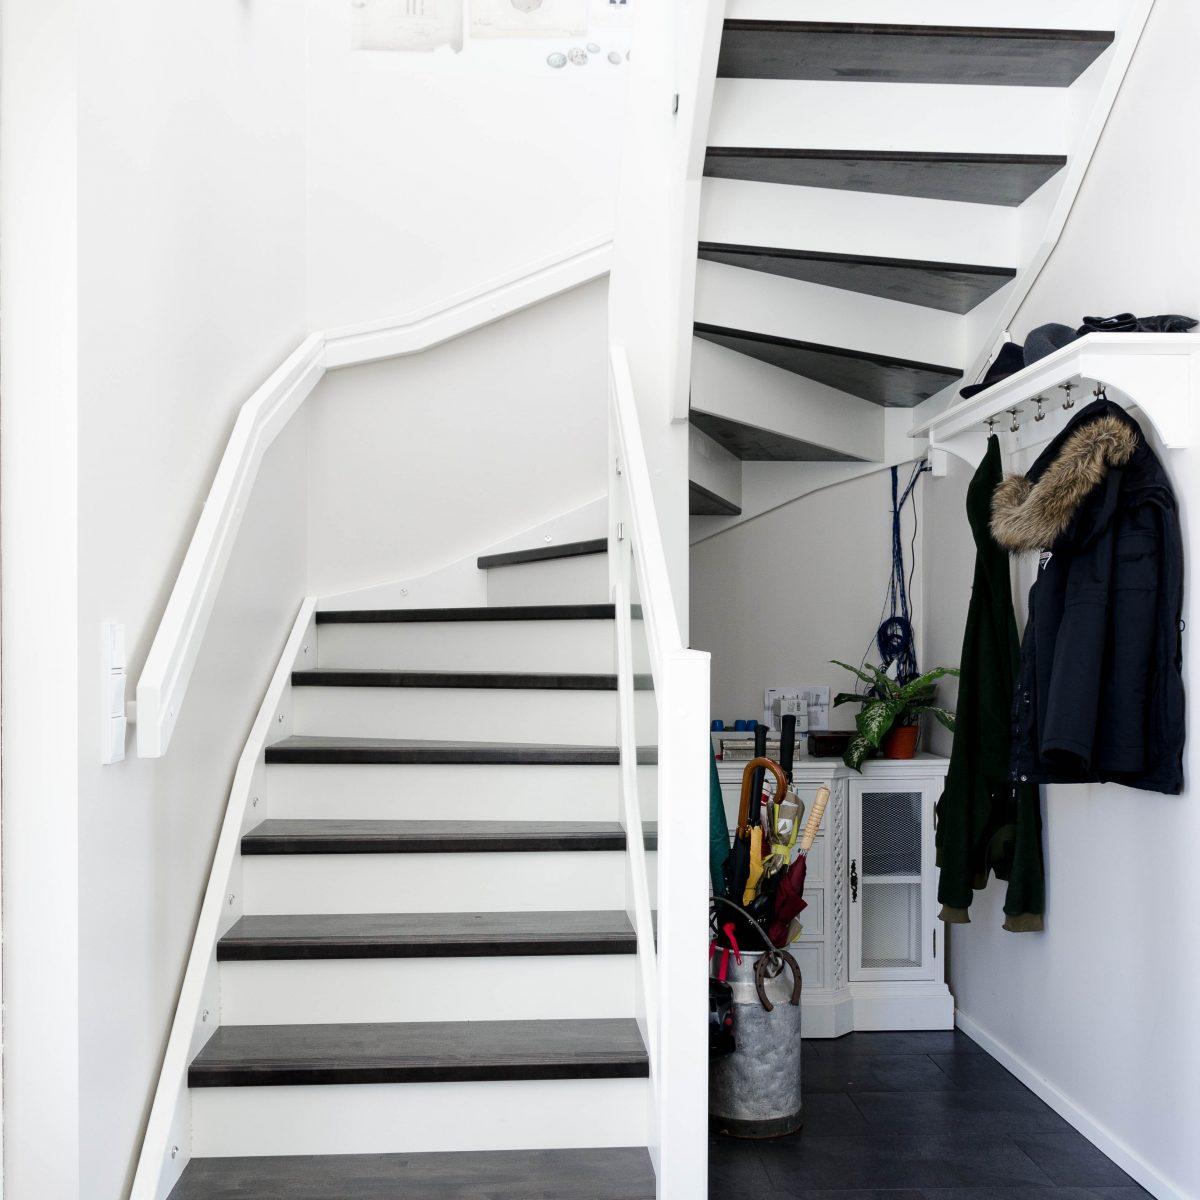 Kuva valkoisista portaista taustalevyillä kuvaamassa Lappiportaan portaisiin saatavia porrasvarusteita